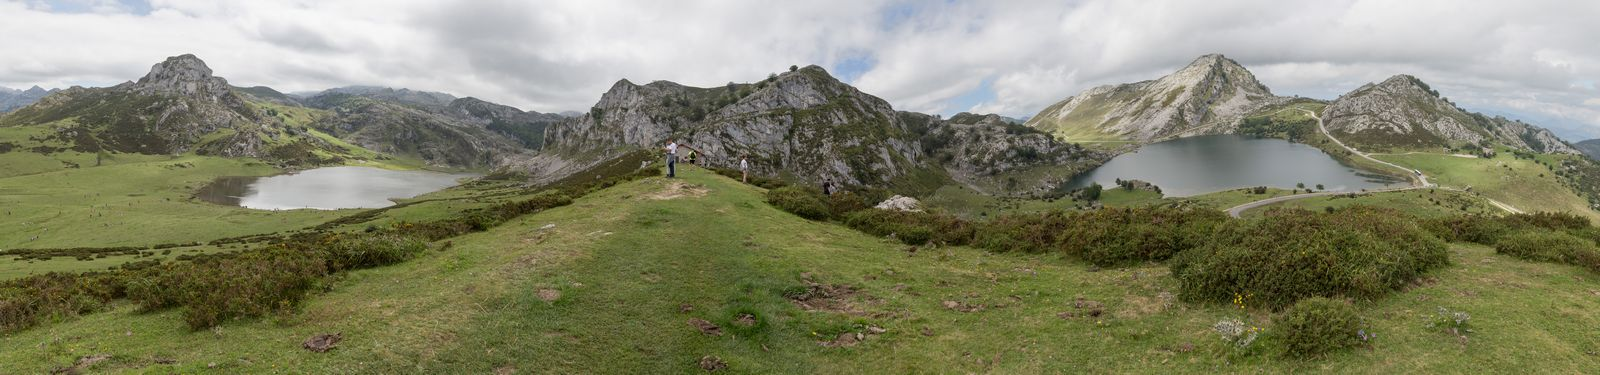 Mirador de Entrelagos, con Ercina a la izquierda y Enol a la derecha